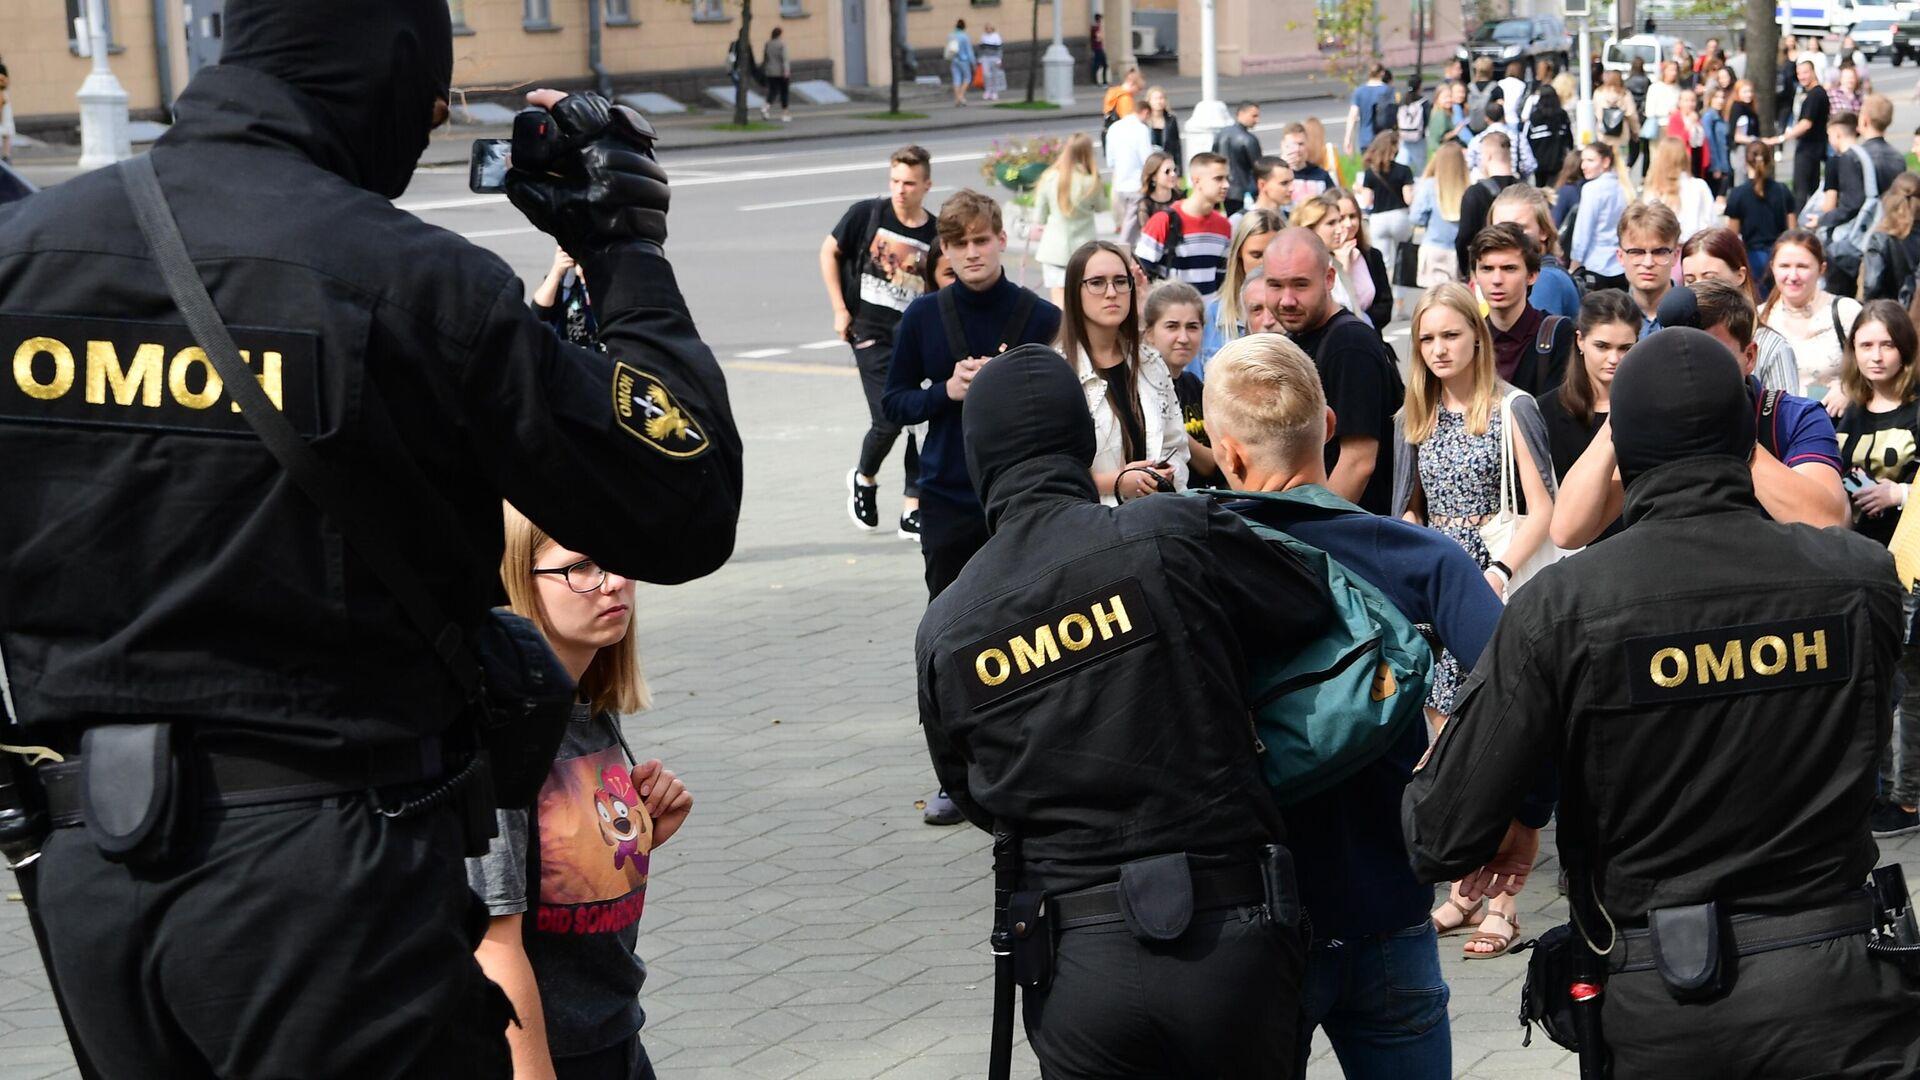 За нарушение законодательства о массовых мероприятиях 3 сентября задержаны 26 граждан.